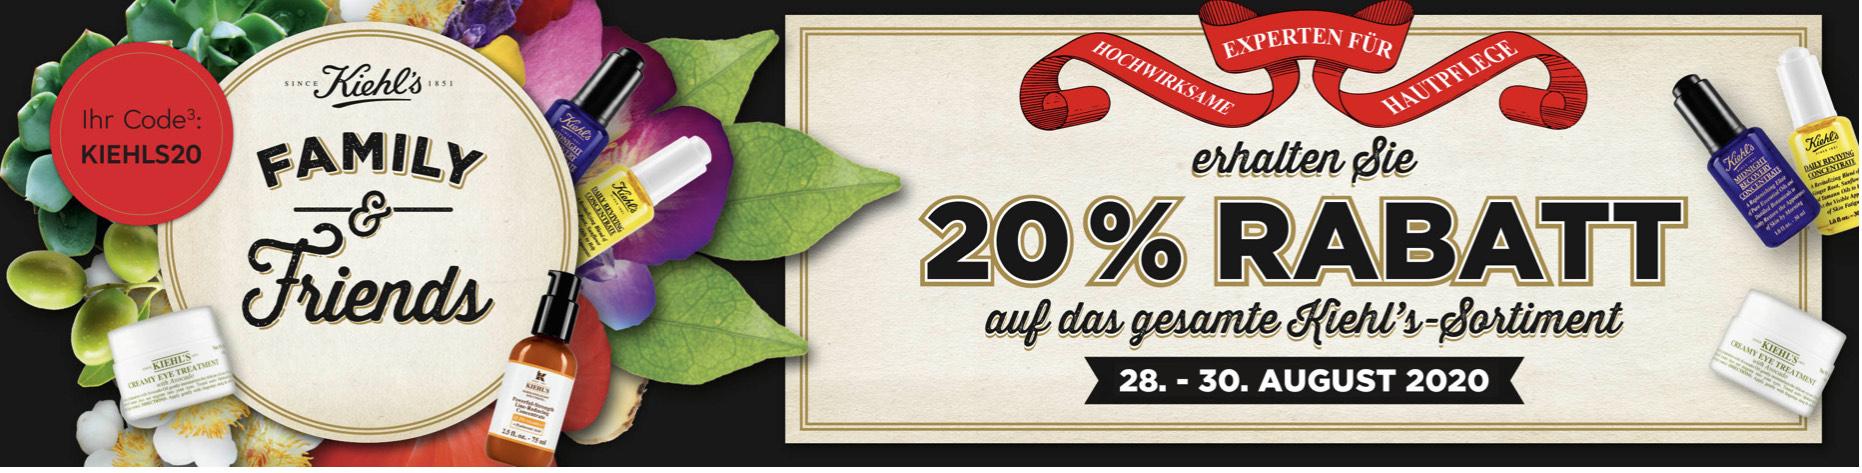 20% Rabatt auf Kiehl's-Produkte